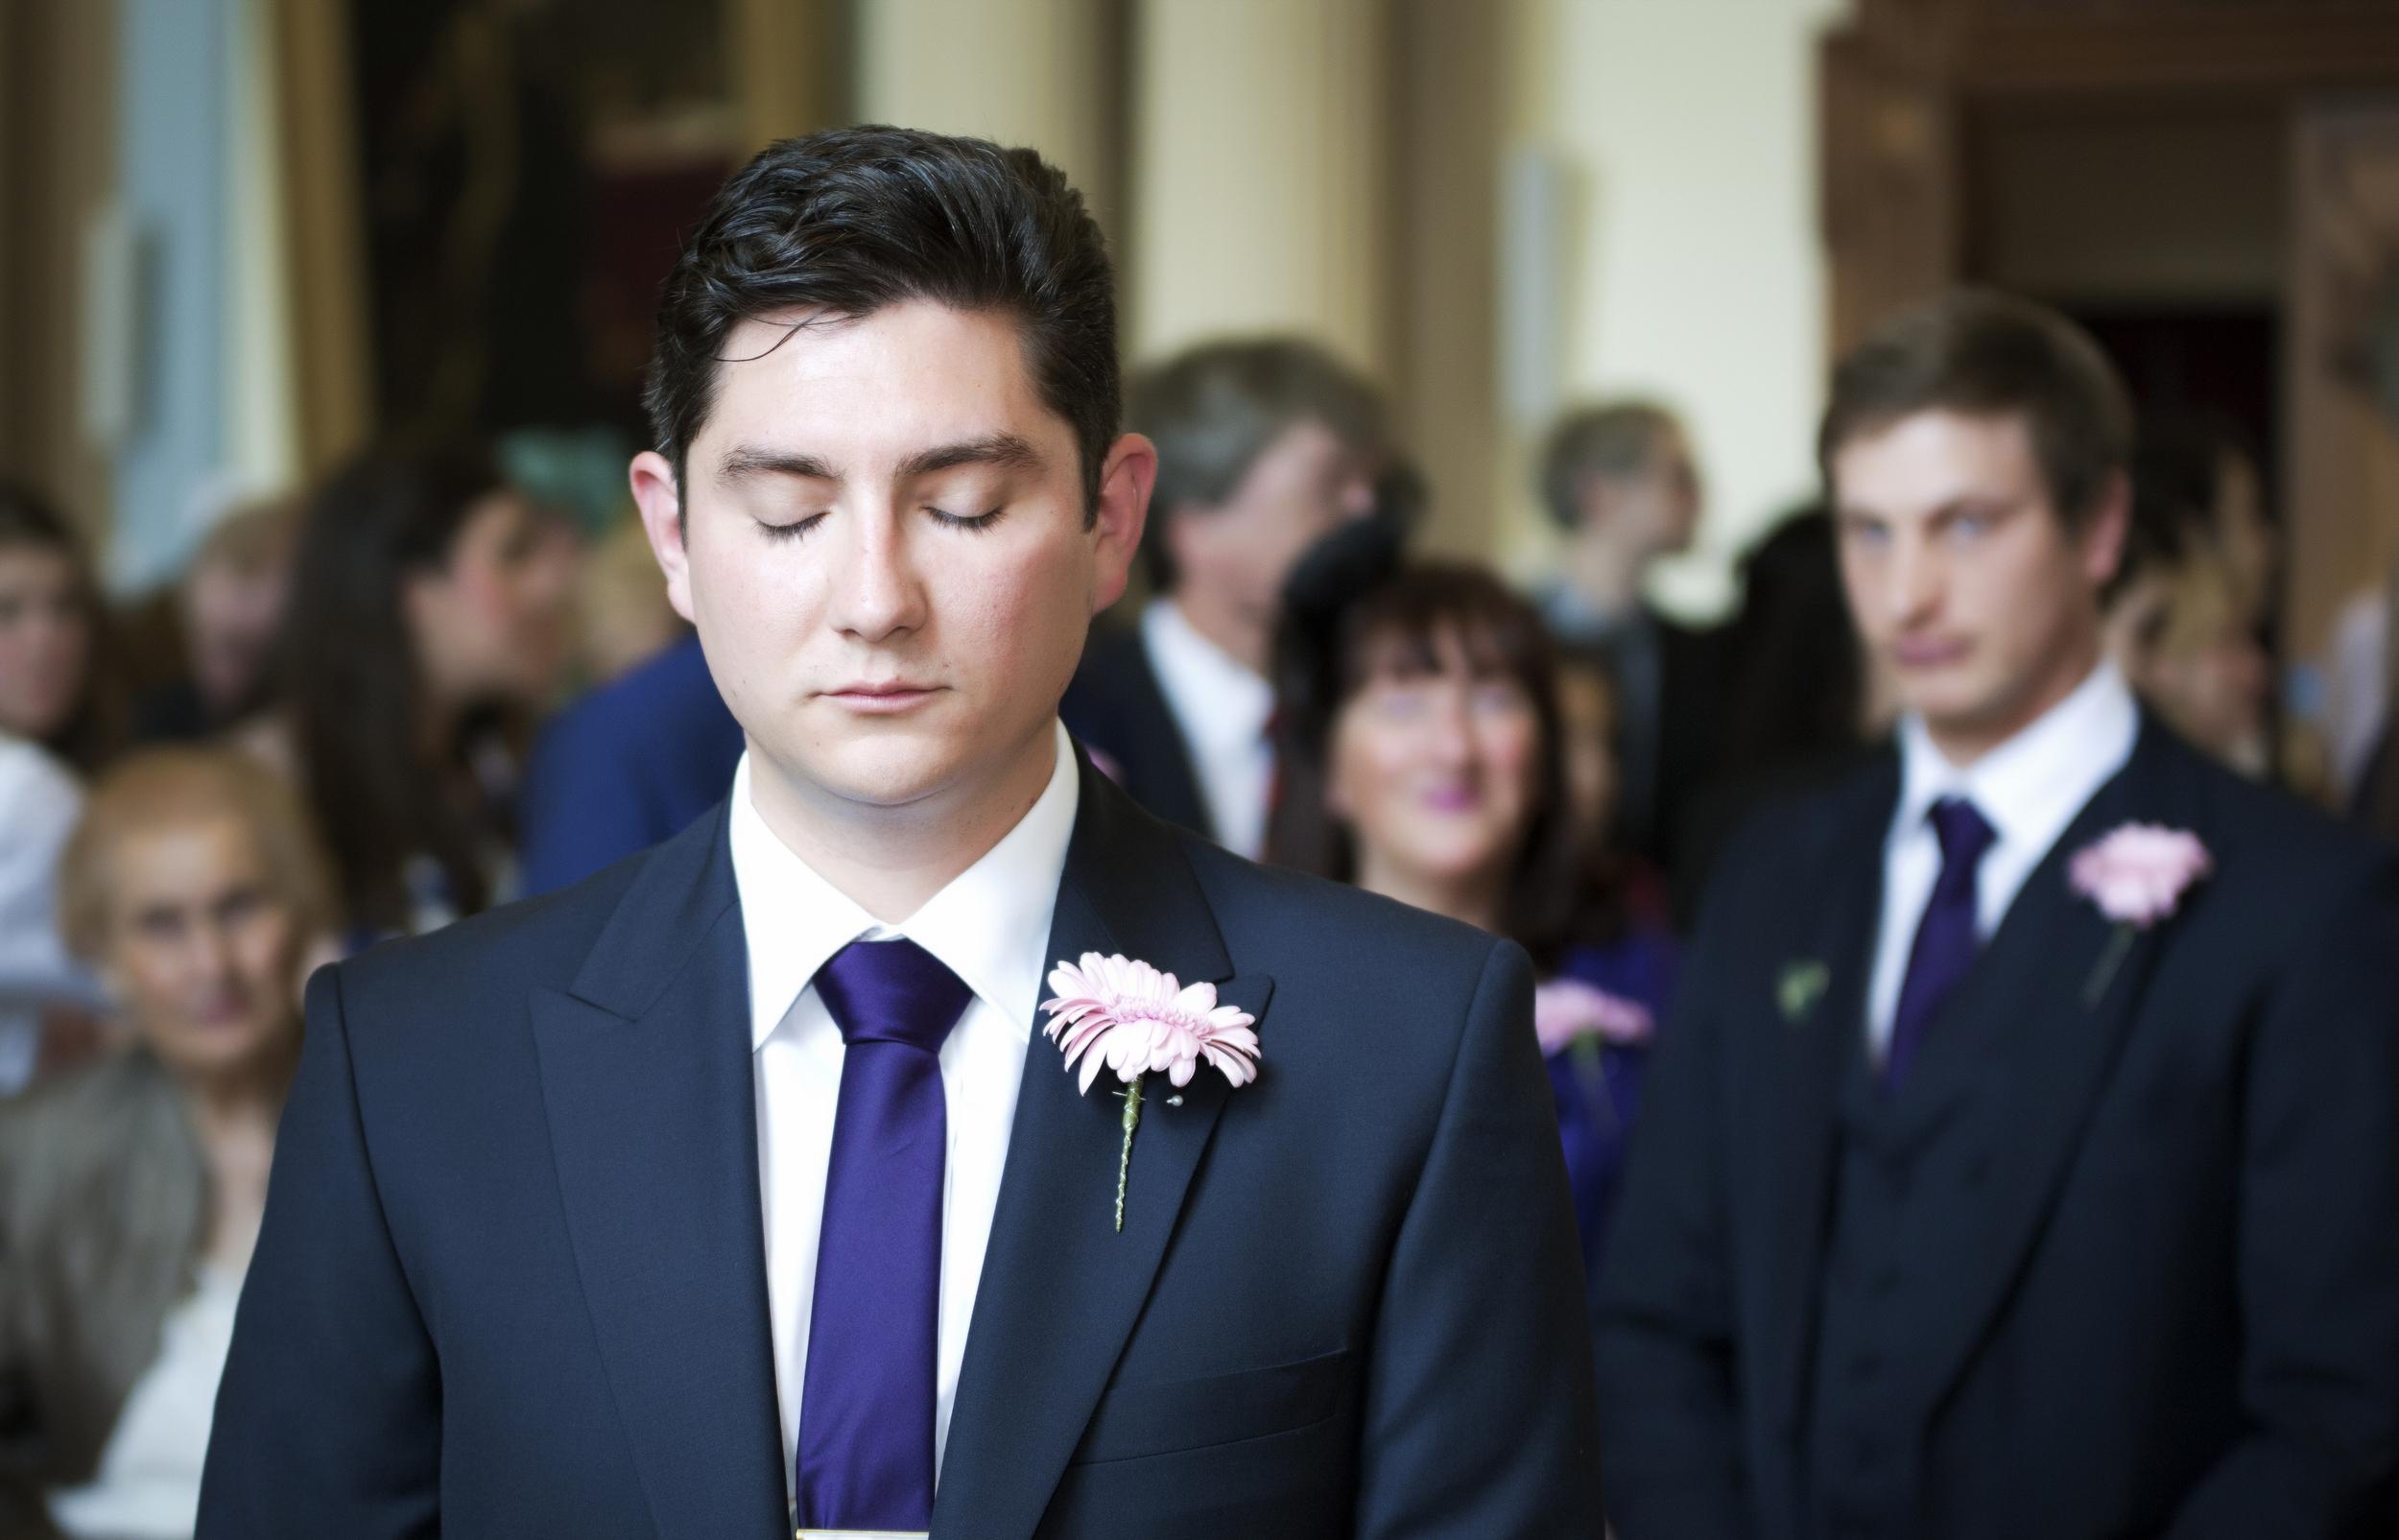 colchester wedding nervous groom